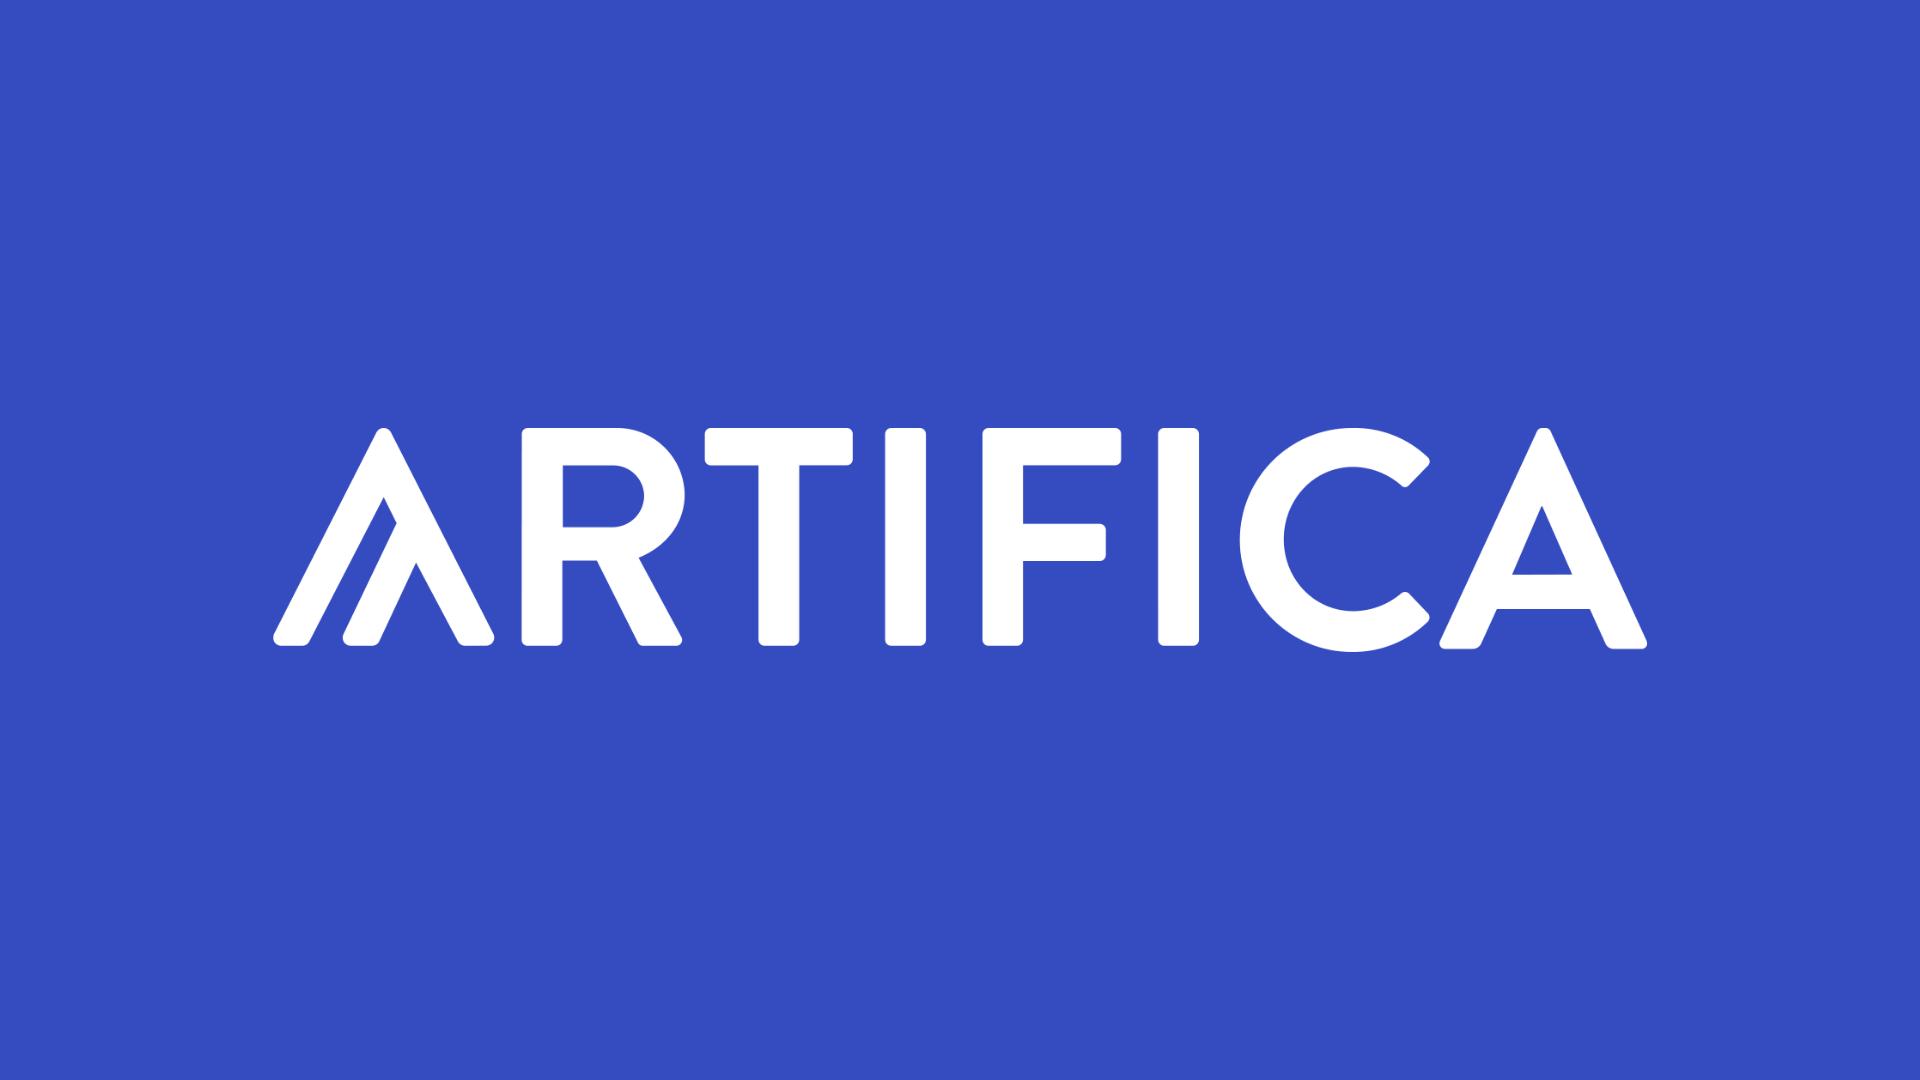 Logo de l'agence de site web Artifica sur fond bleu